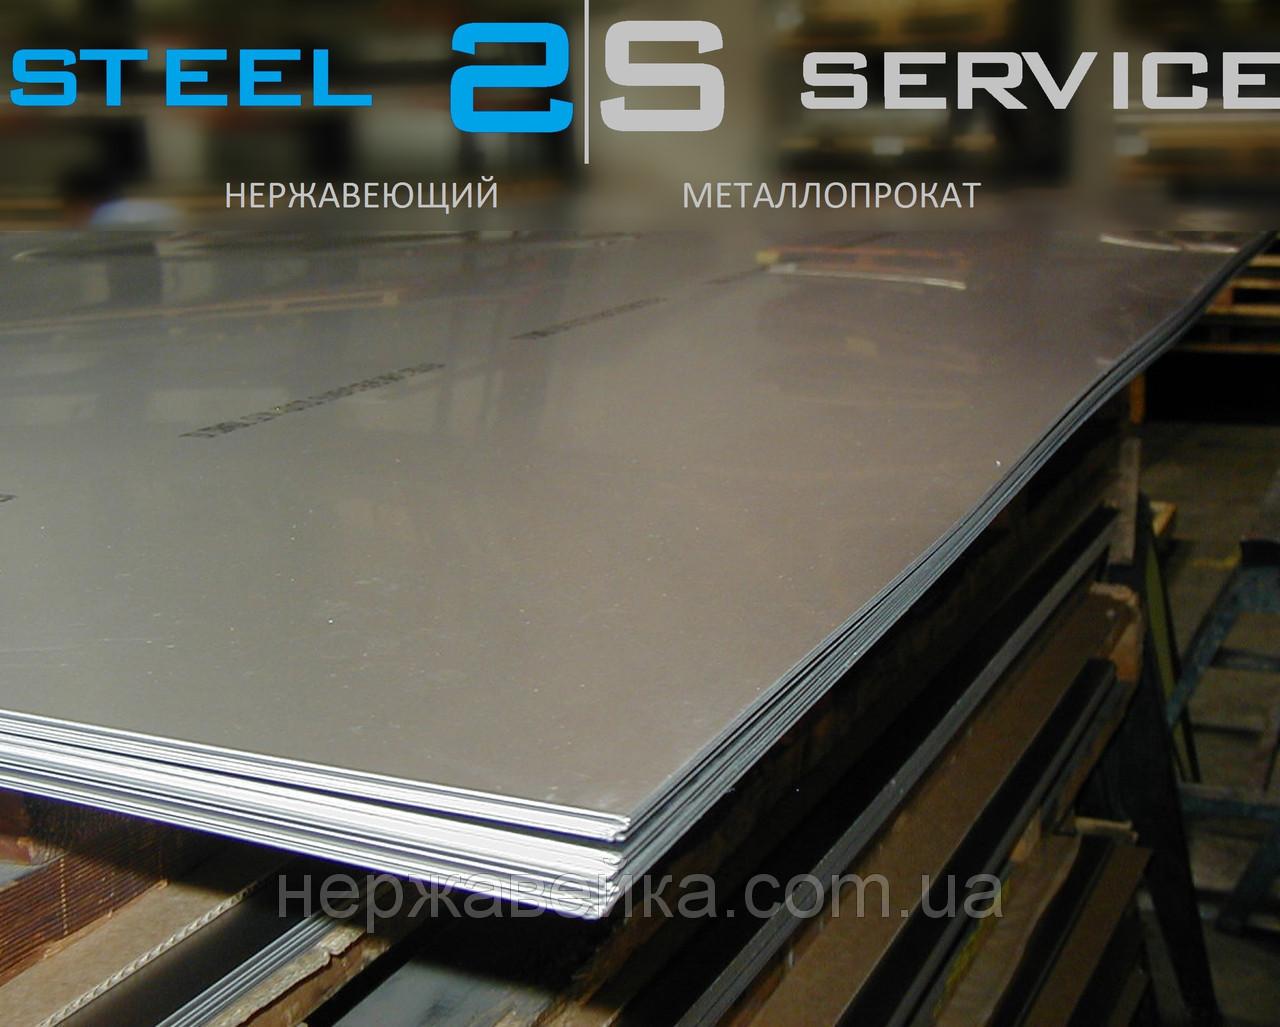 Нержавеющий лист 4х1500х3000мм  AISI 309(20Х23Н13, 20Х20Н14С2) 2B - матовый,  жаропрочный